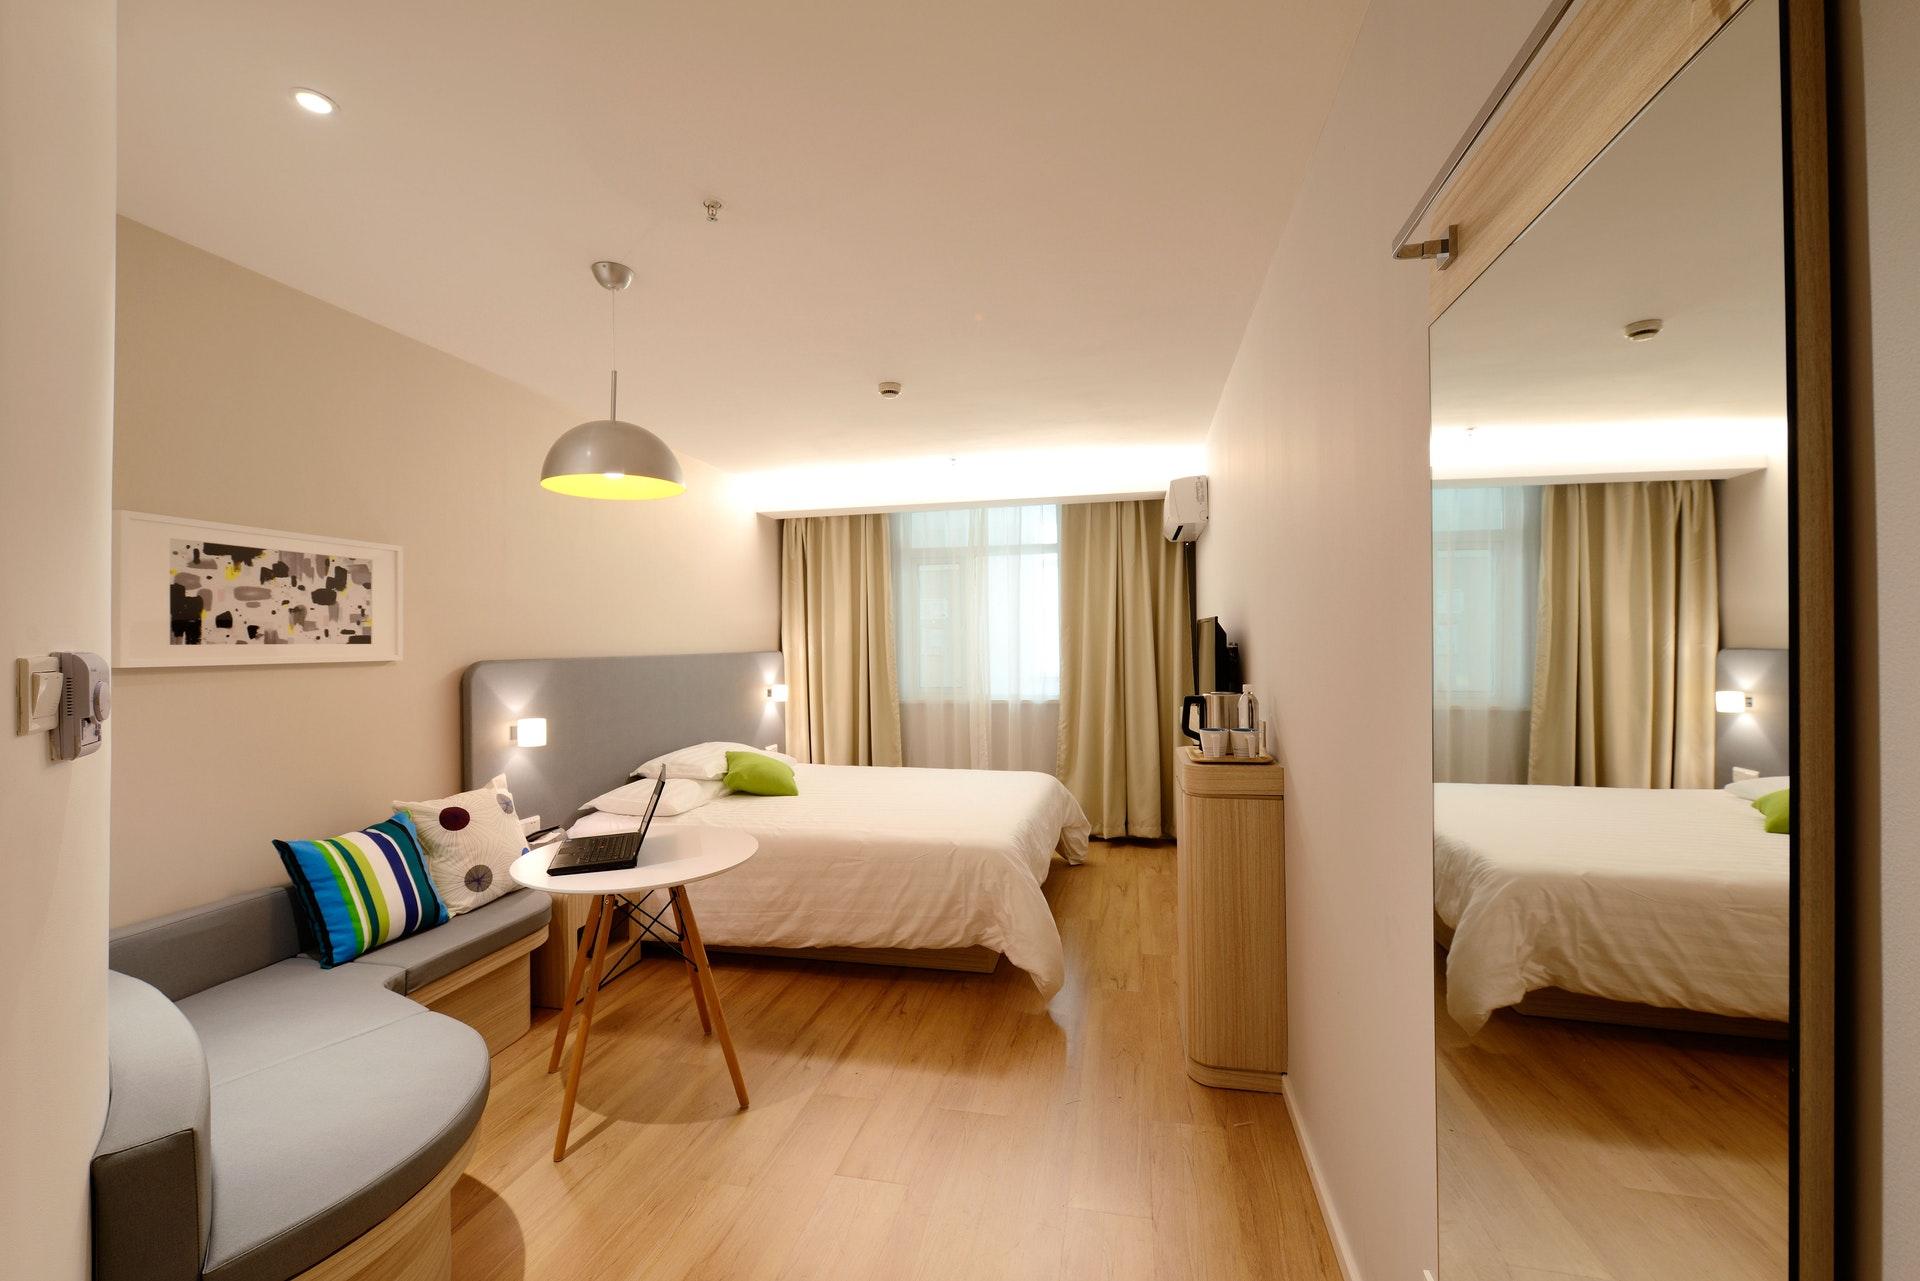 Diwodo aide les professionnels de l'hôtellerie restauration